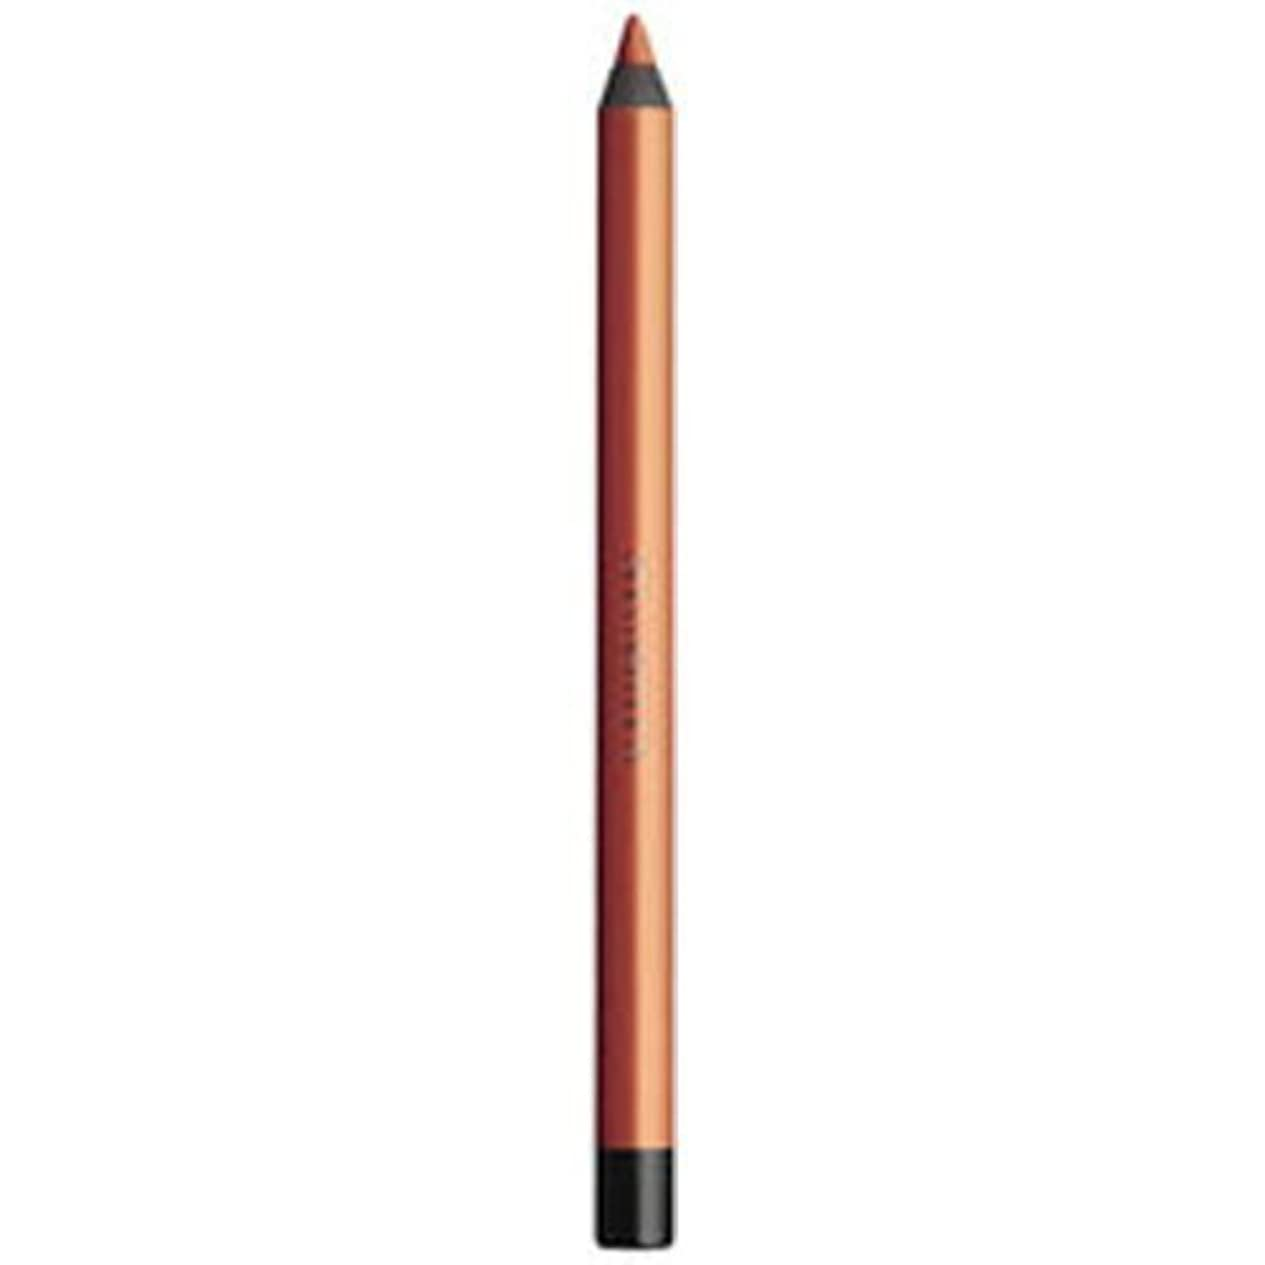 仲人利用可能人工的なドローイング ペンシル P ライト オレンジ 21